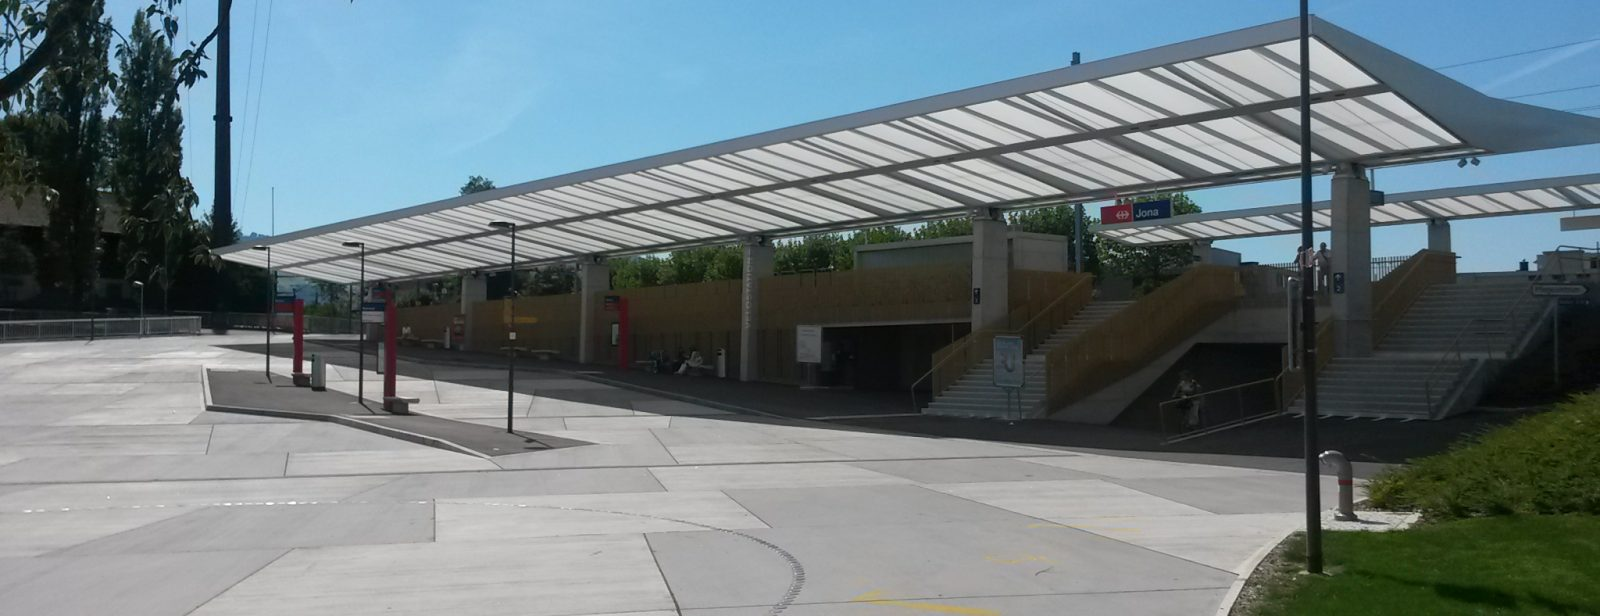 Bushof und Bahnhof, Jona